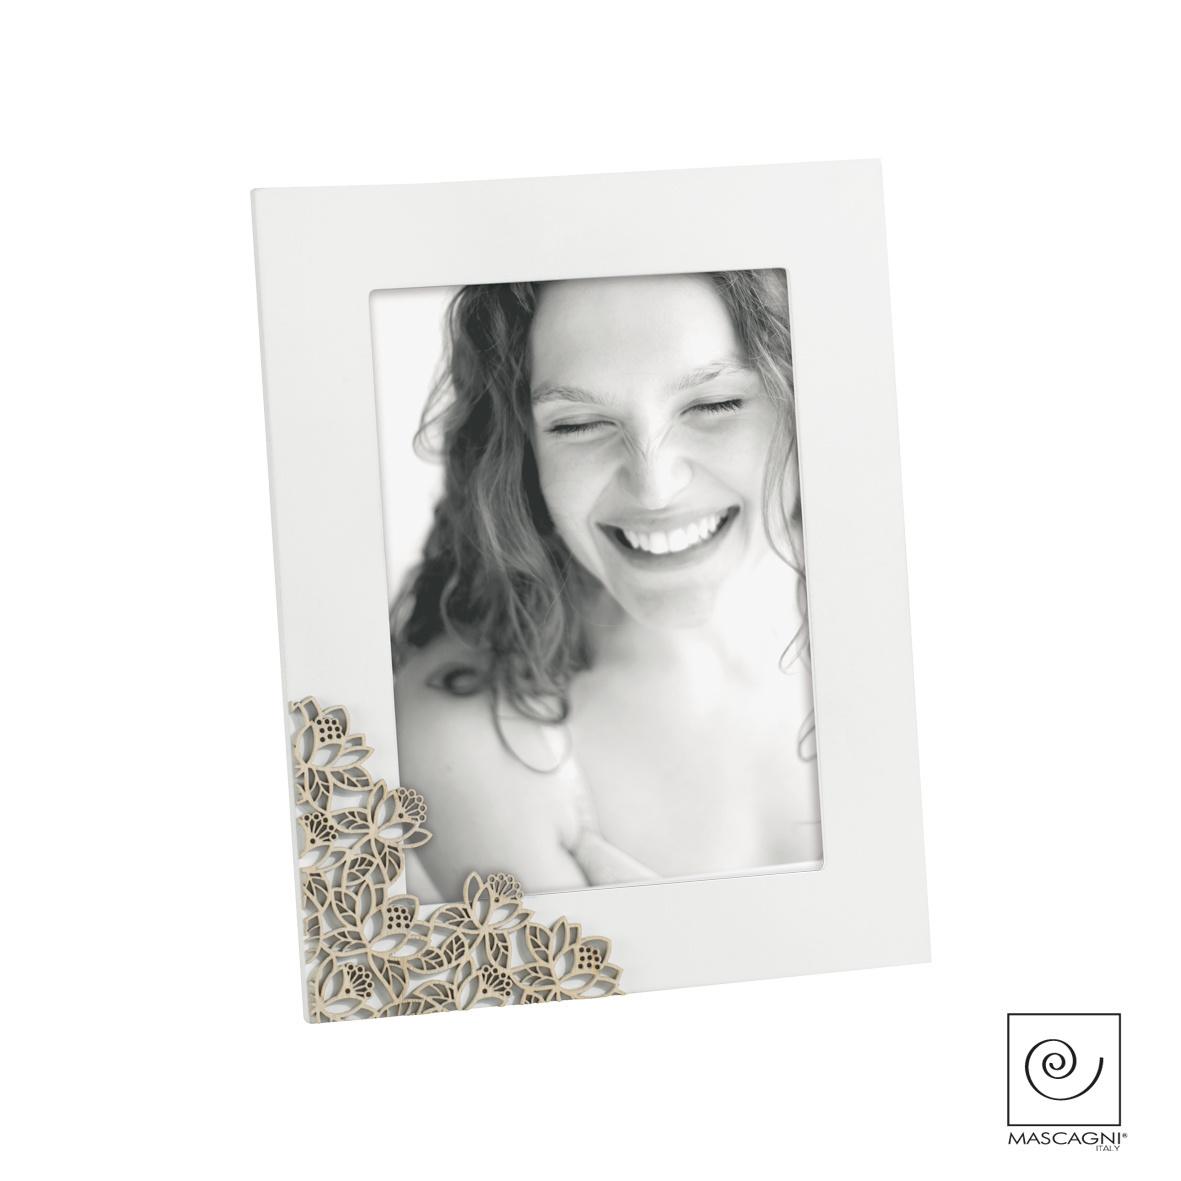 Art Mascagni A770 PHOTO FRAME 13X18 - COL. WHITE